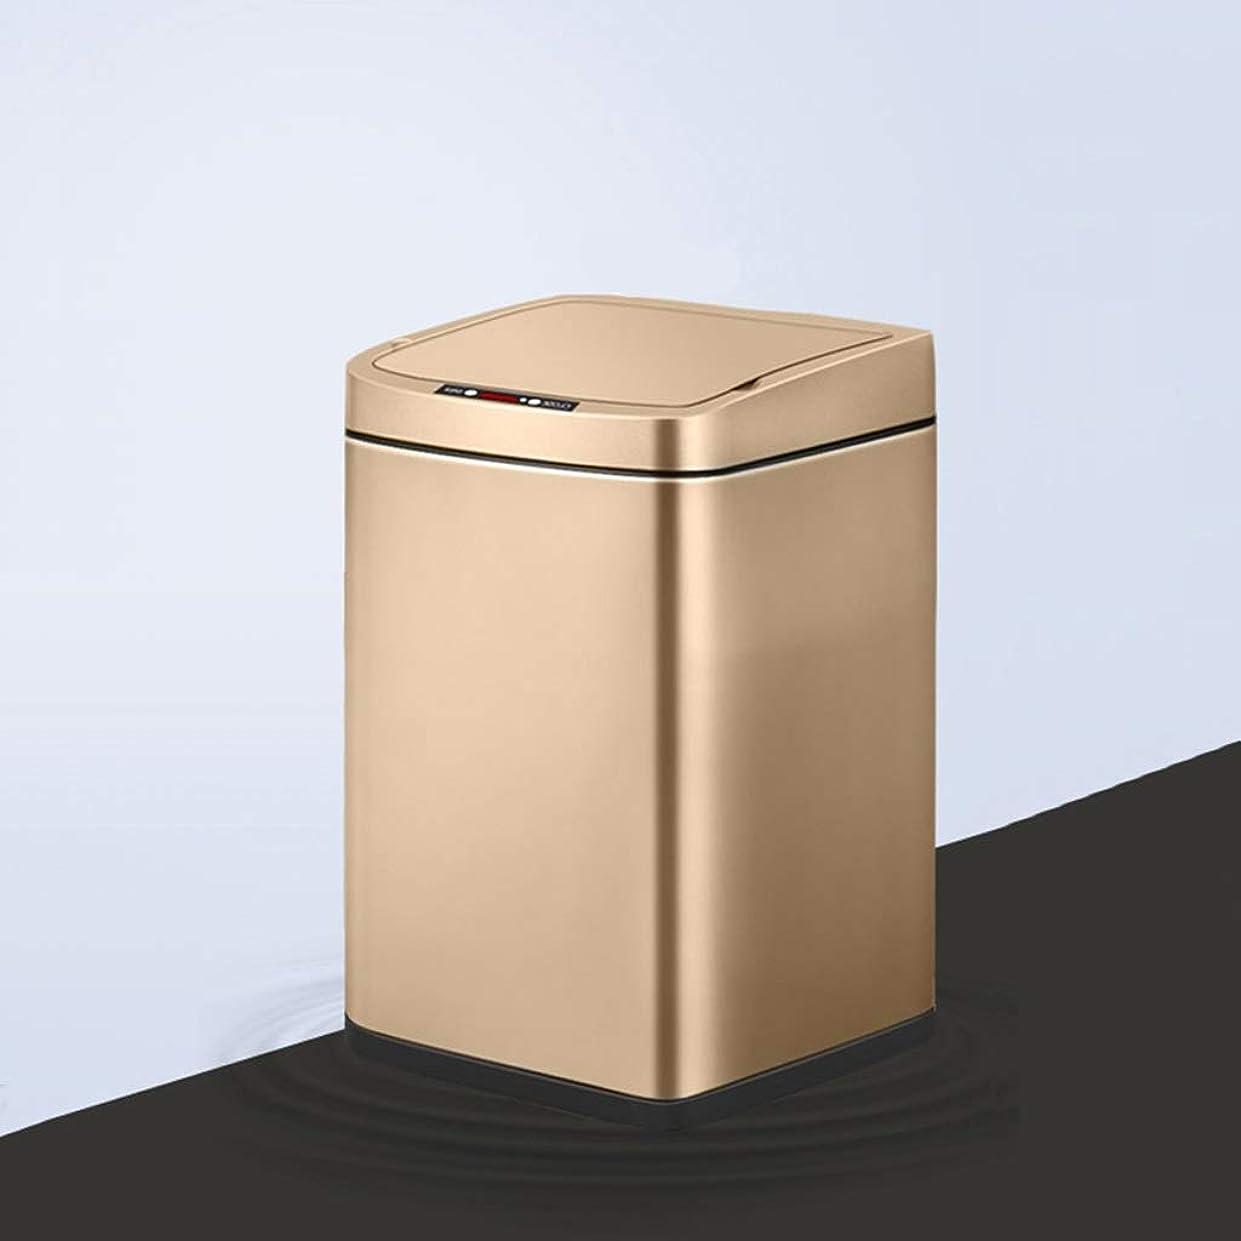 強制兵隊抑圧者SHWSM ゴミ箱ふた付きキッチン家庭ゴミ箱インテリジェント誘導ステンレス鋼防水廃棄物リサイクルビン13 Lマルチカラーオプション (Color : Gold)